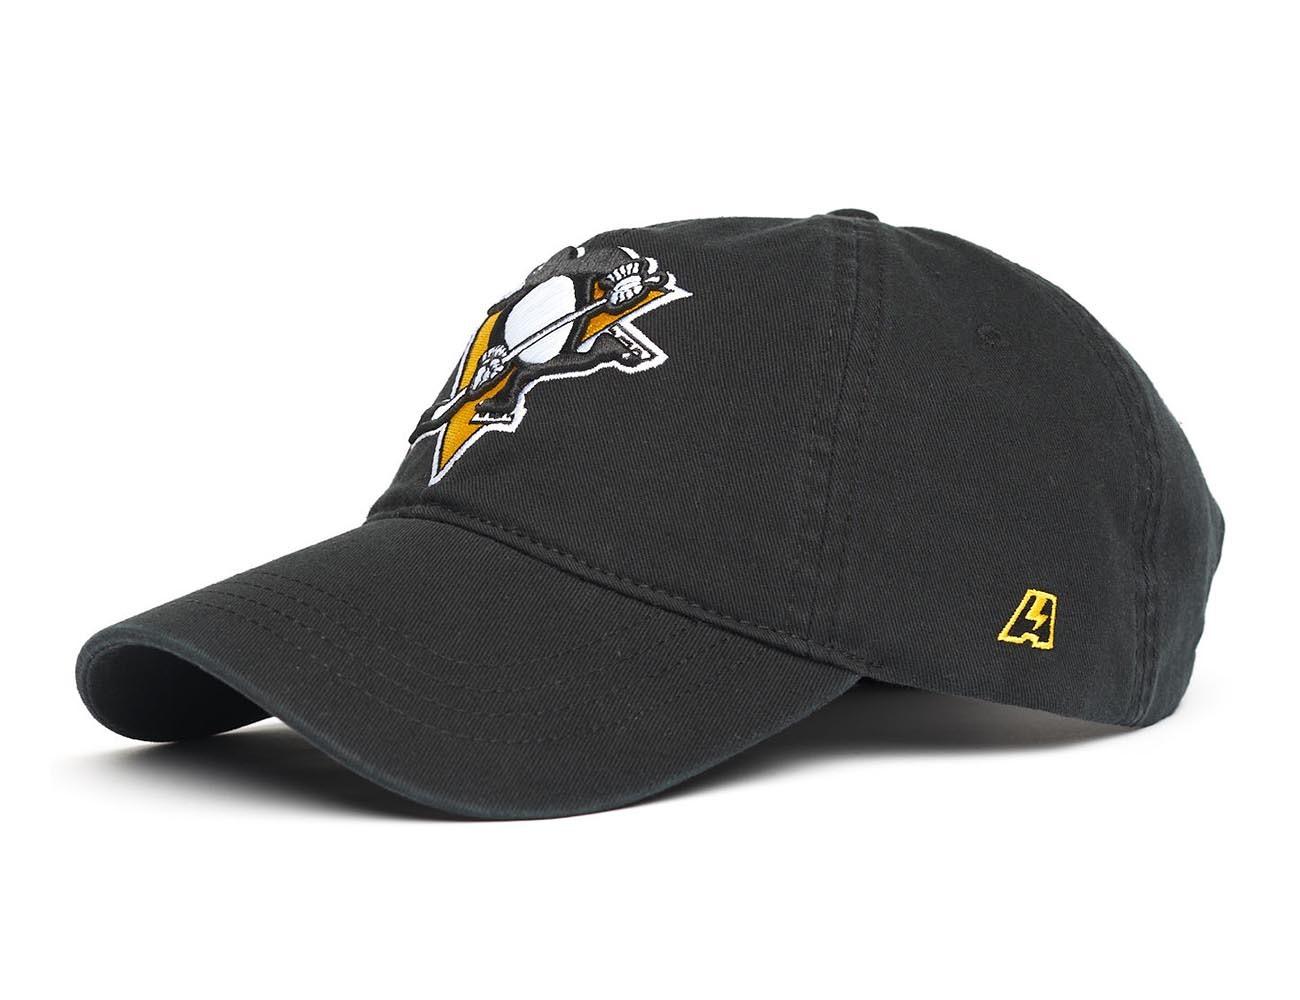 Бейсболка NHL Pittsburgh Penguins облегченная (подростковая)